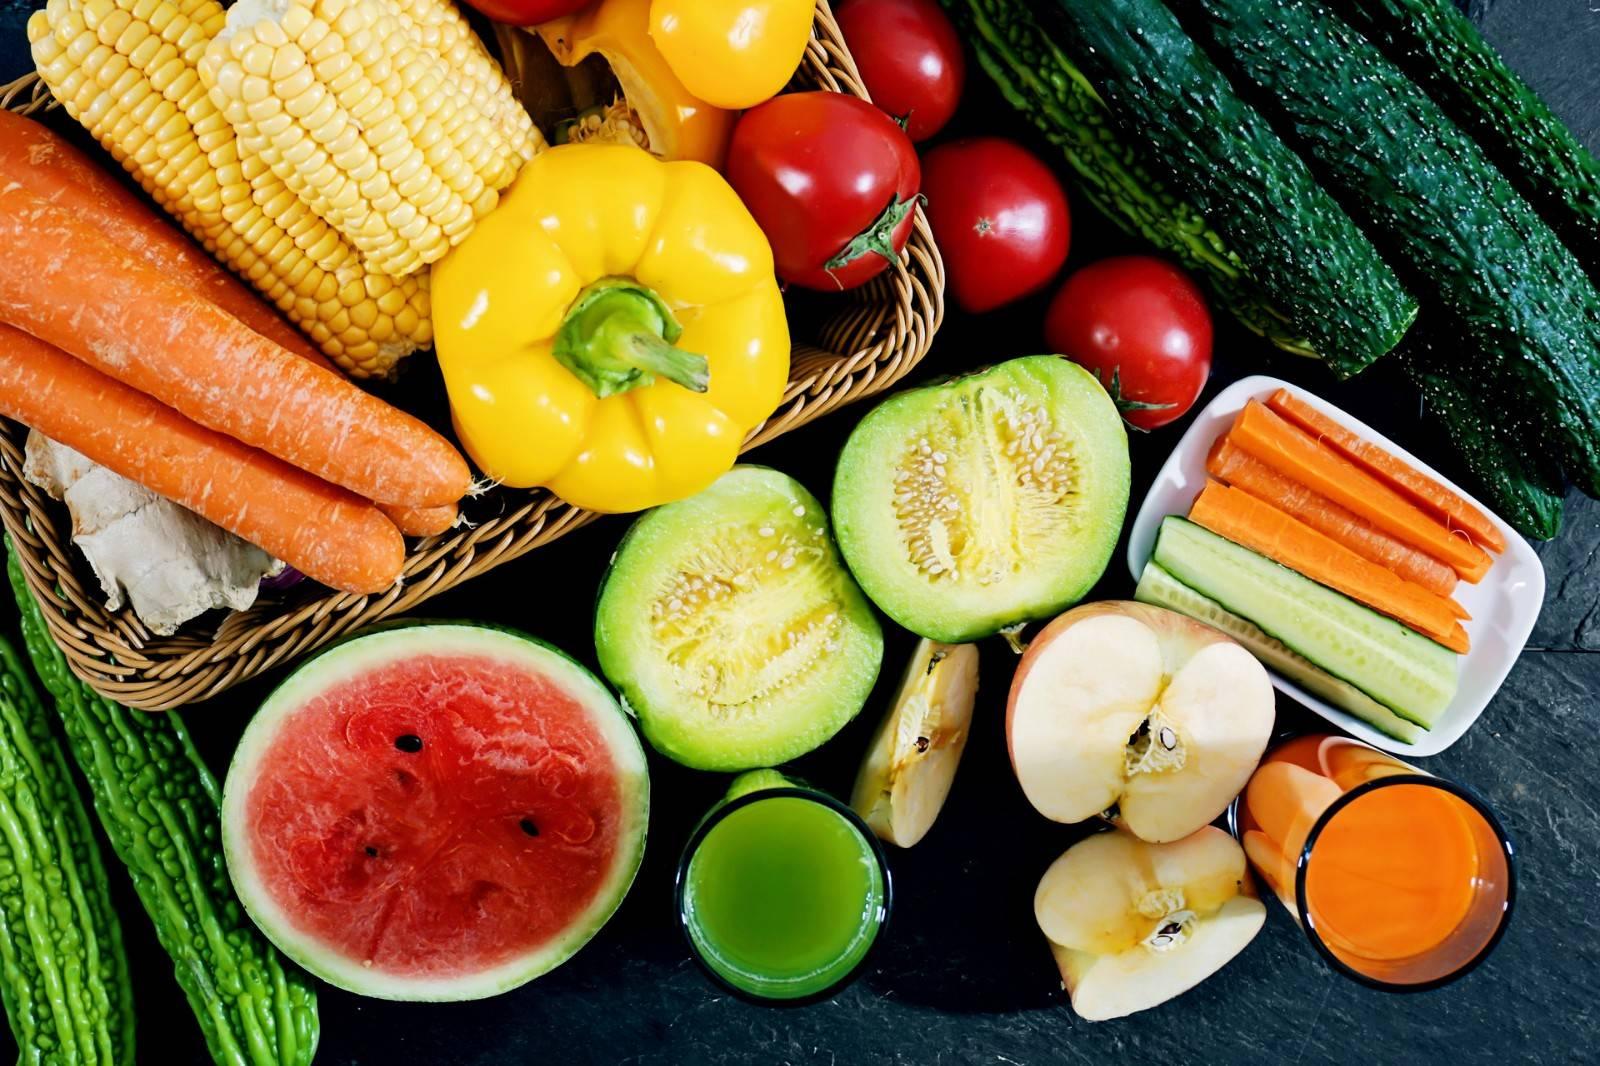 蔬菜水果摄入量不足